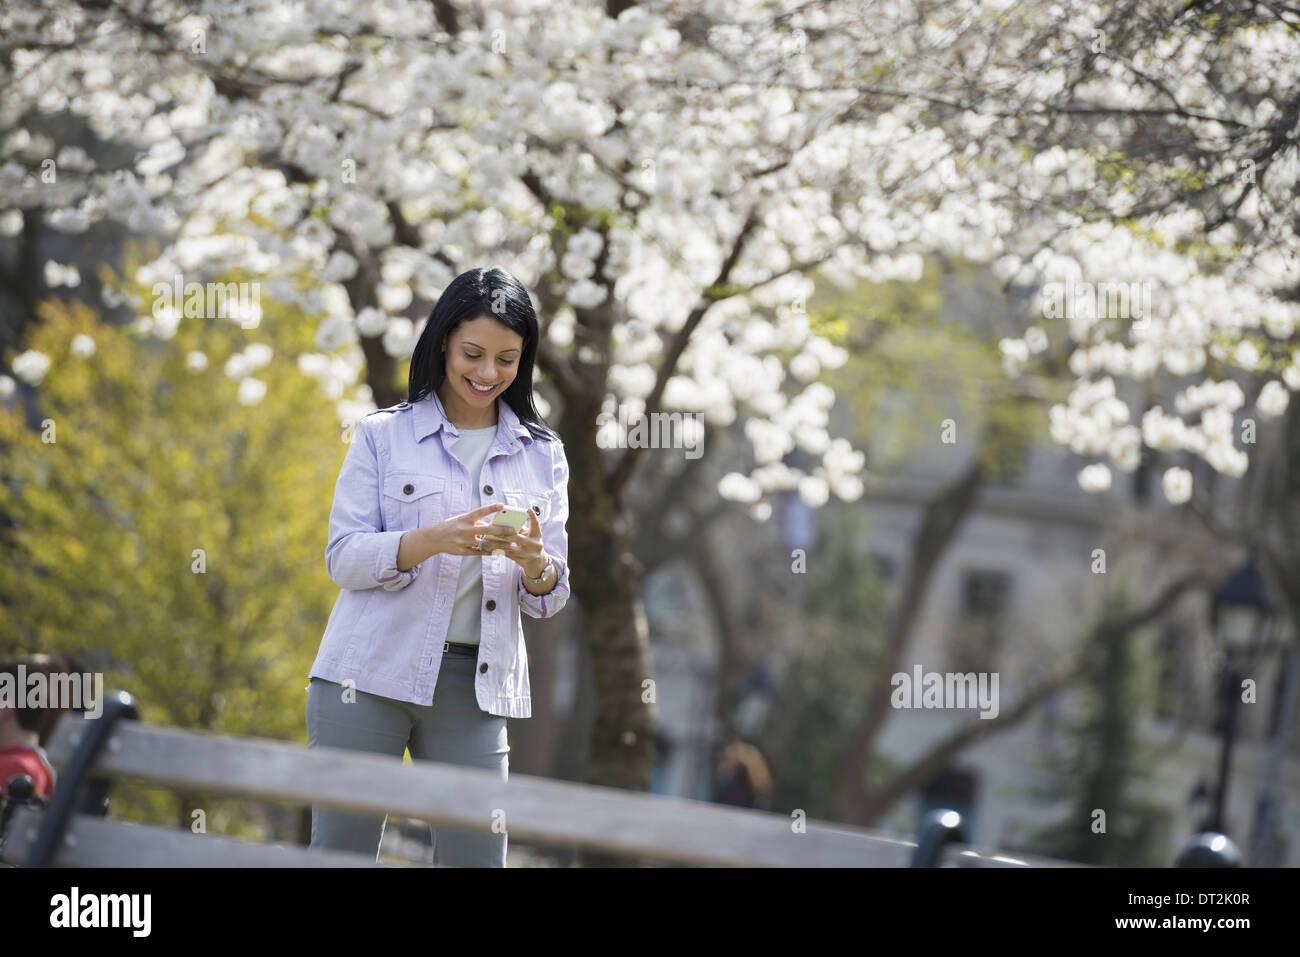 Afuera de la ciudad en la época de primavera en el parque de la ciudad de Nueva York en los árboles en flor blanca Una mujer sostiene a su teléfono móvil y sonriente Imagen De Stock